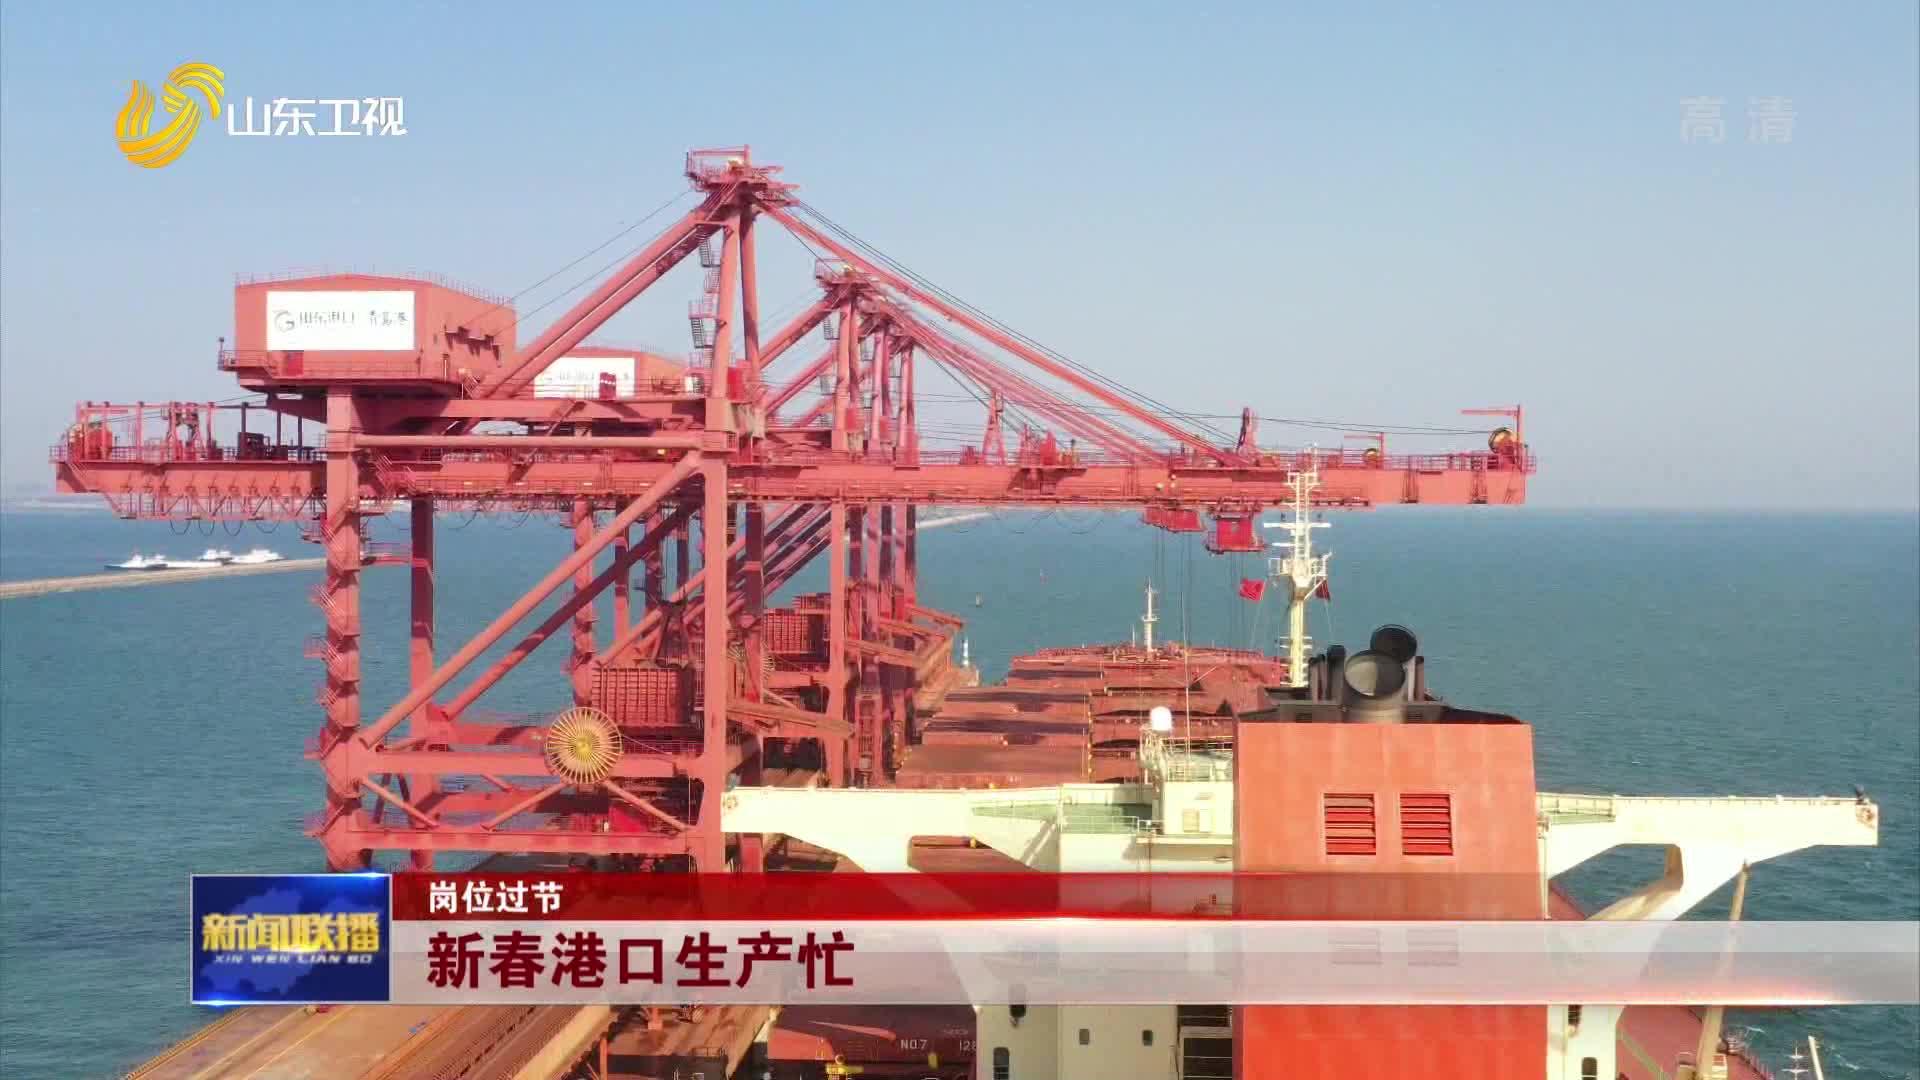 【岗位过节】新春港口生产忙